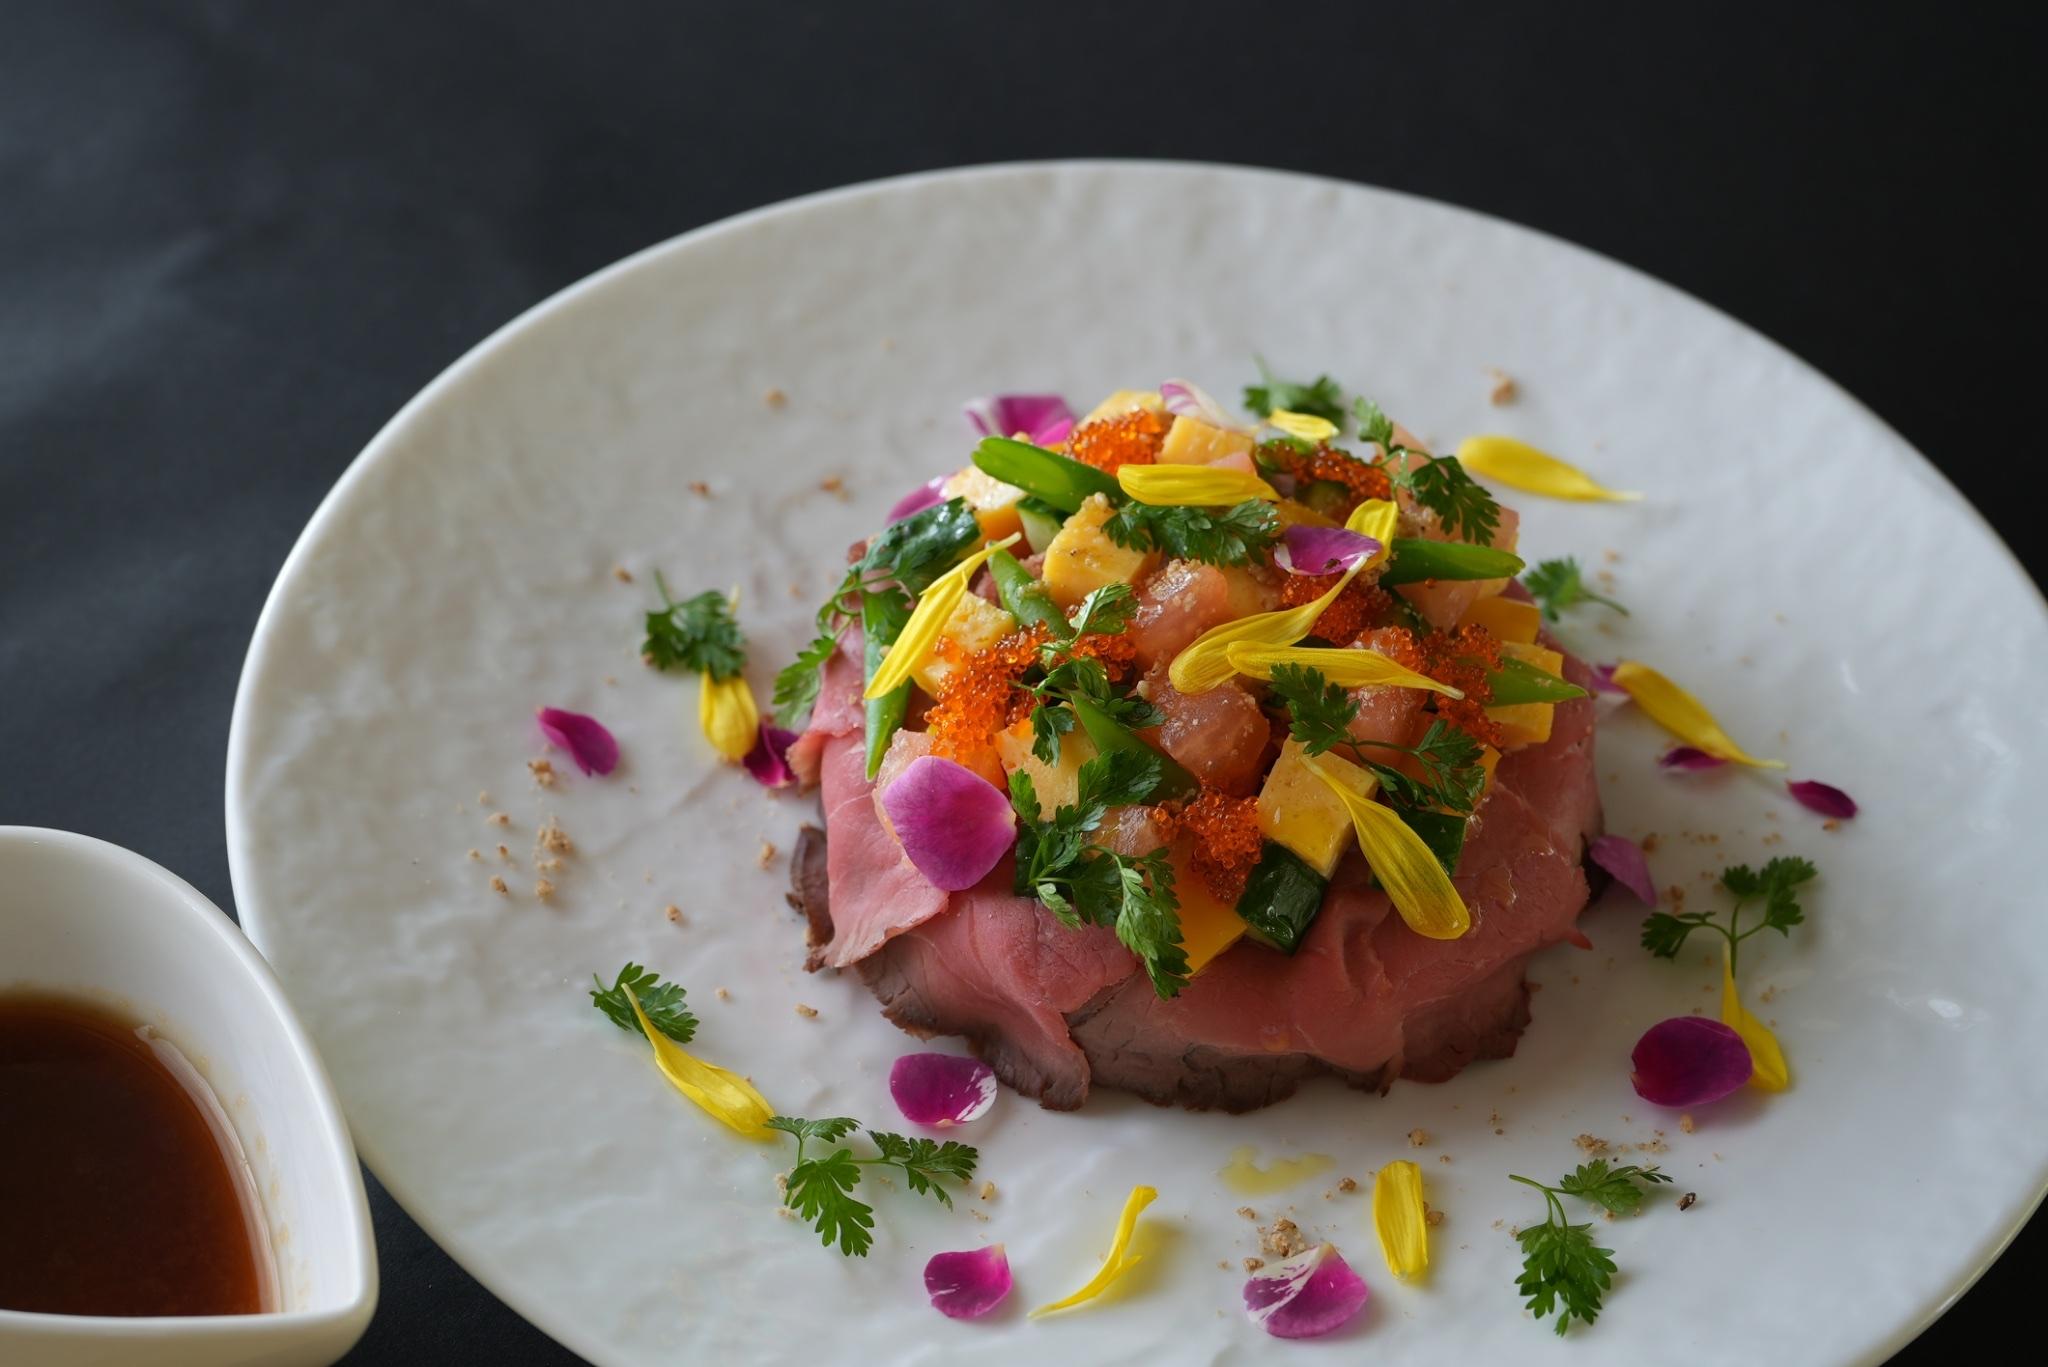 ぽんぽこの湯の「Bistro Kuu監修 肉バラ寿司」